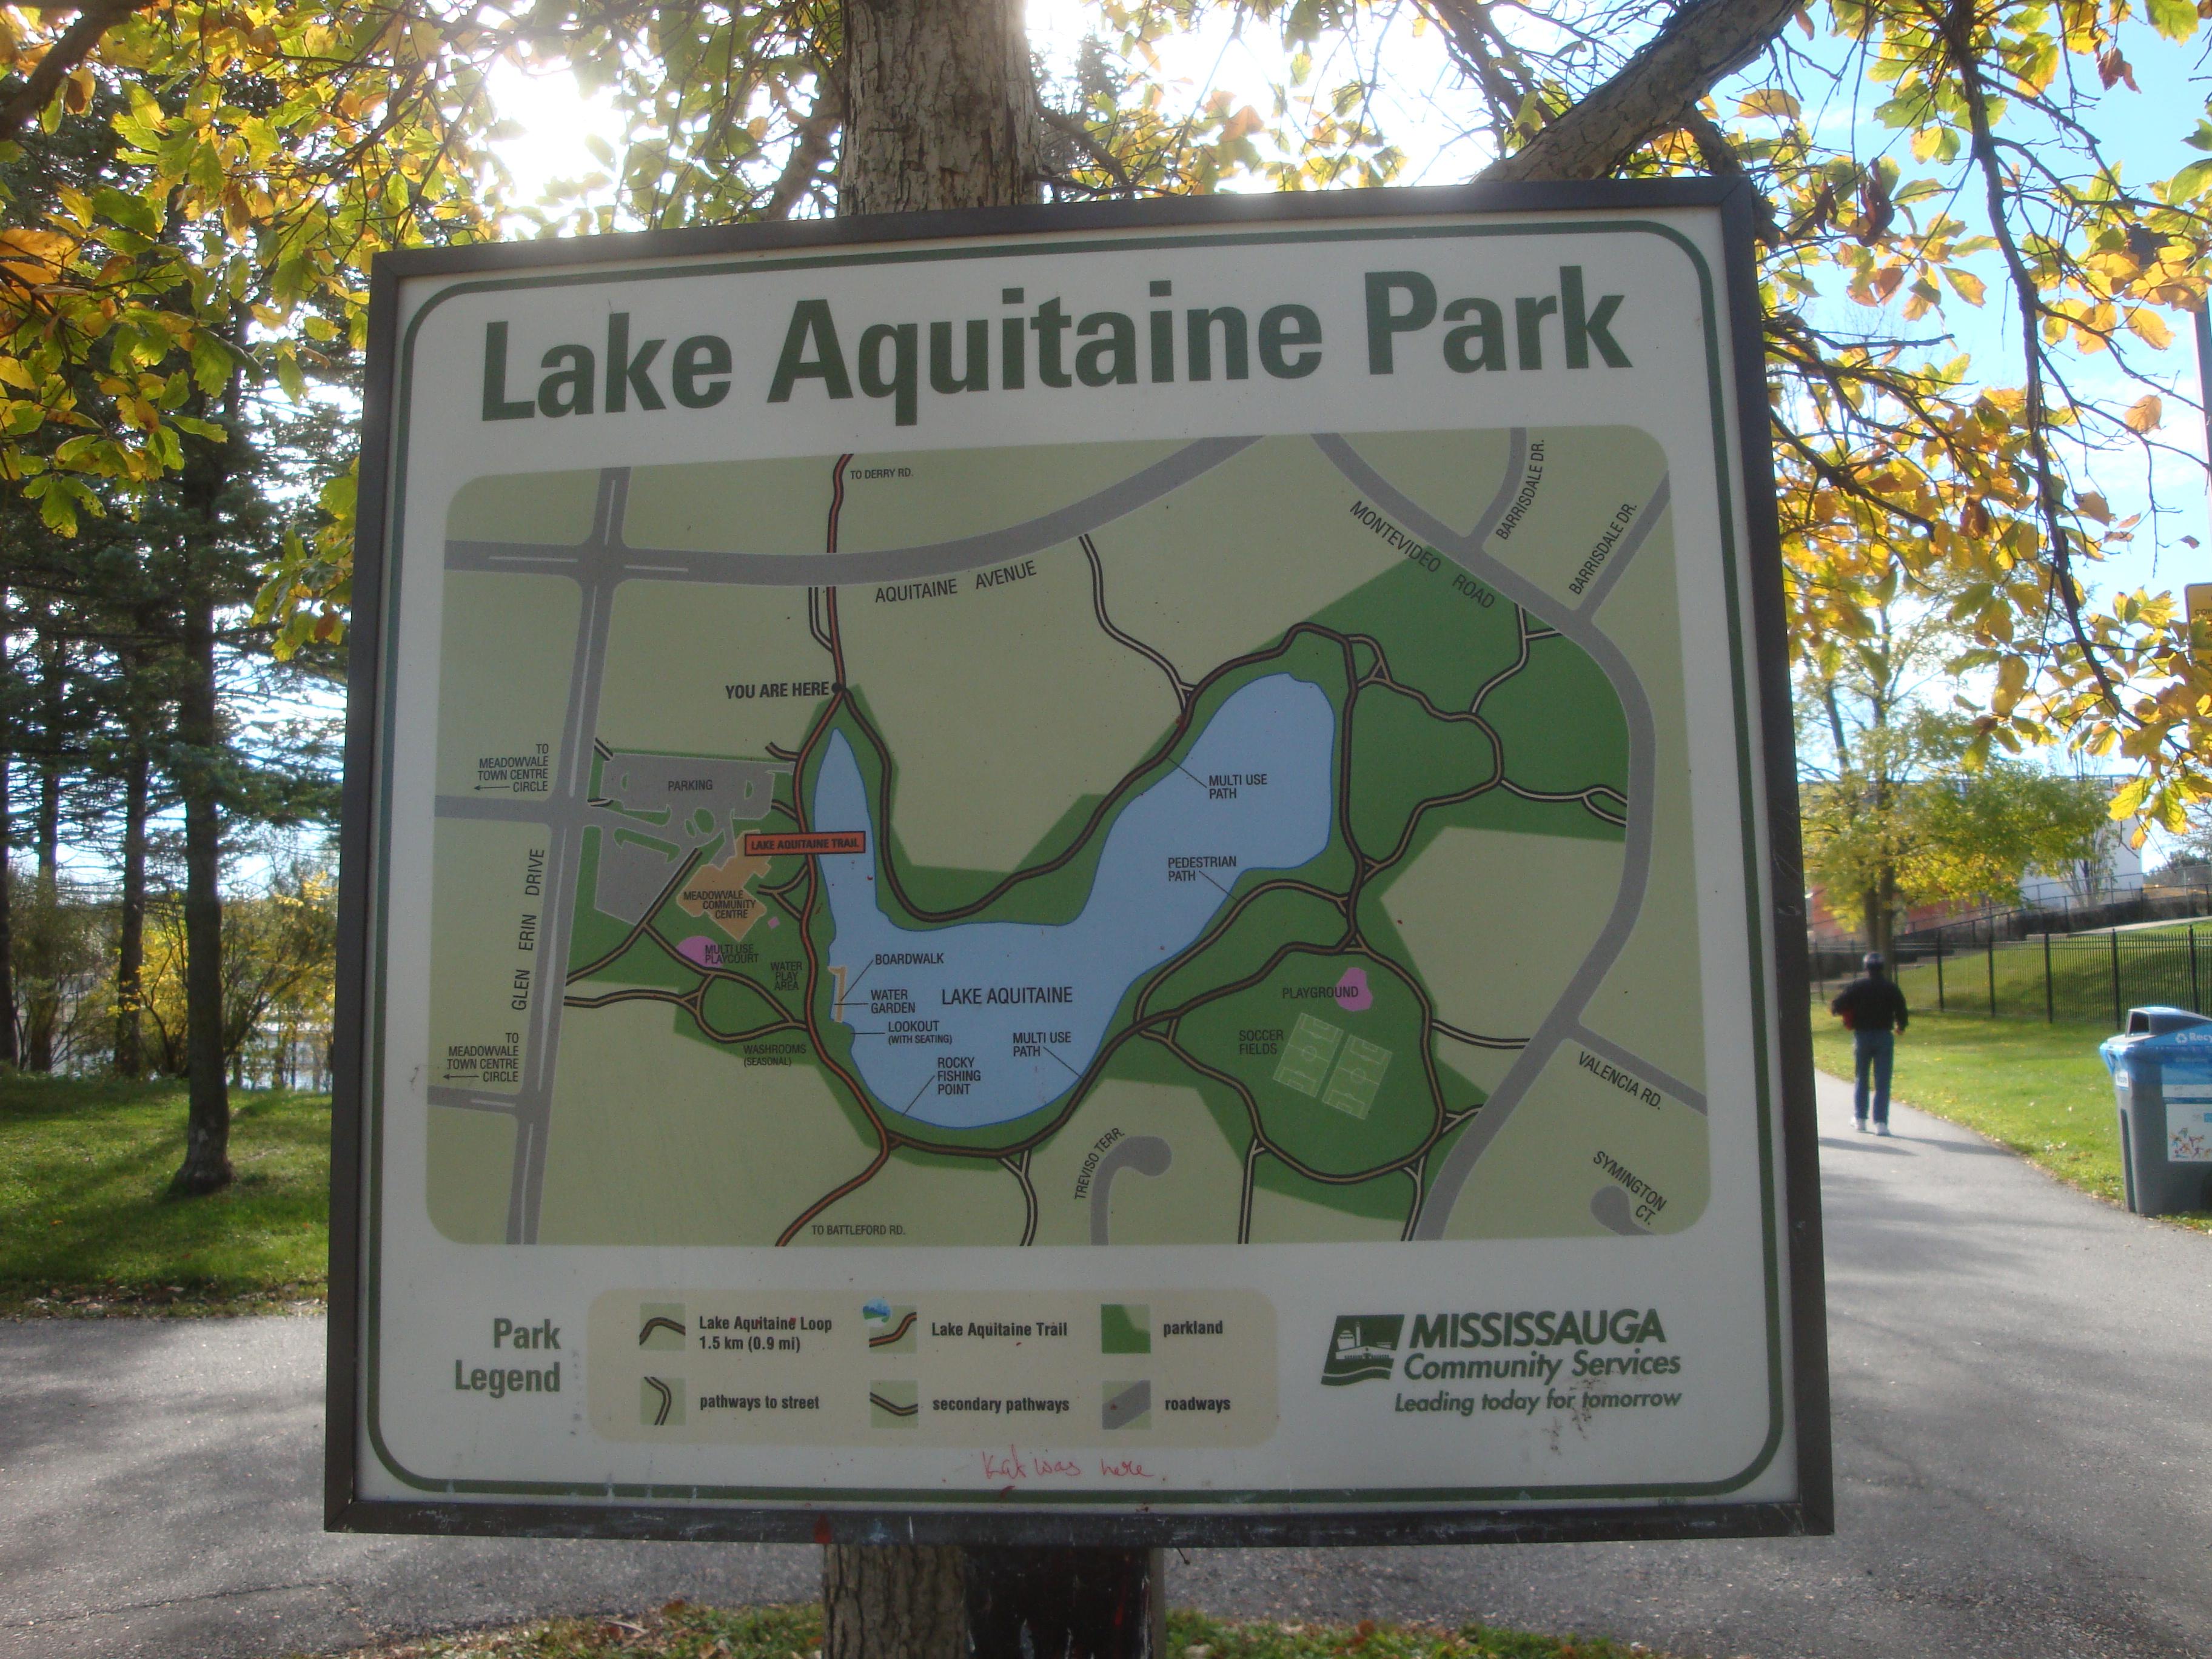 lake aquitaine park